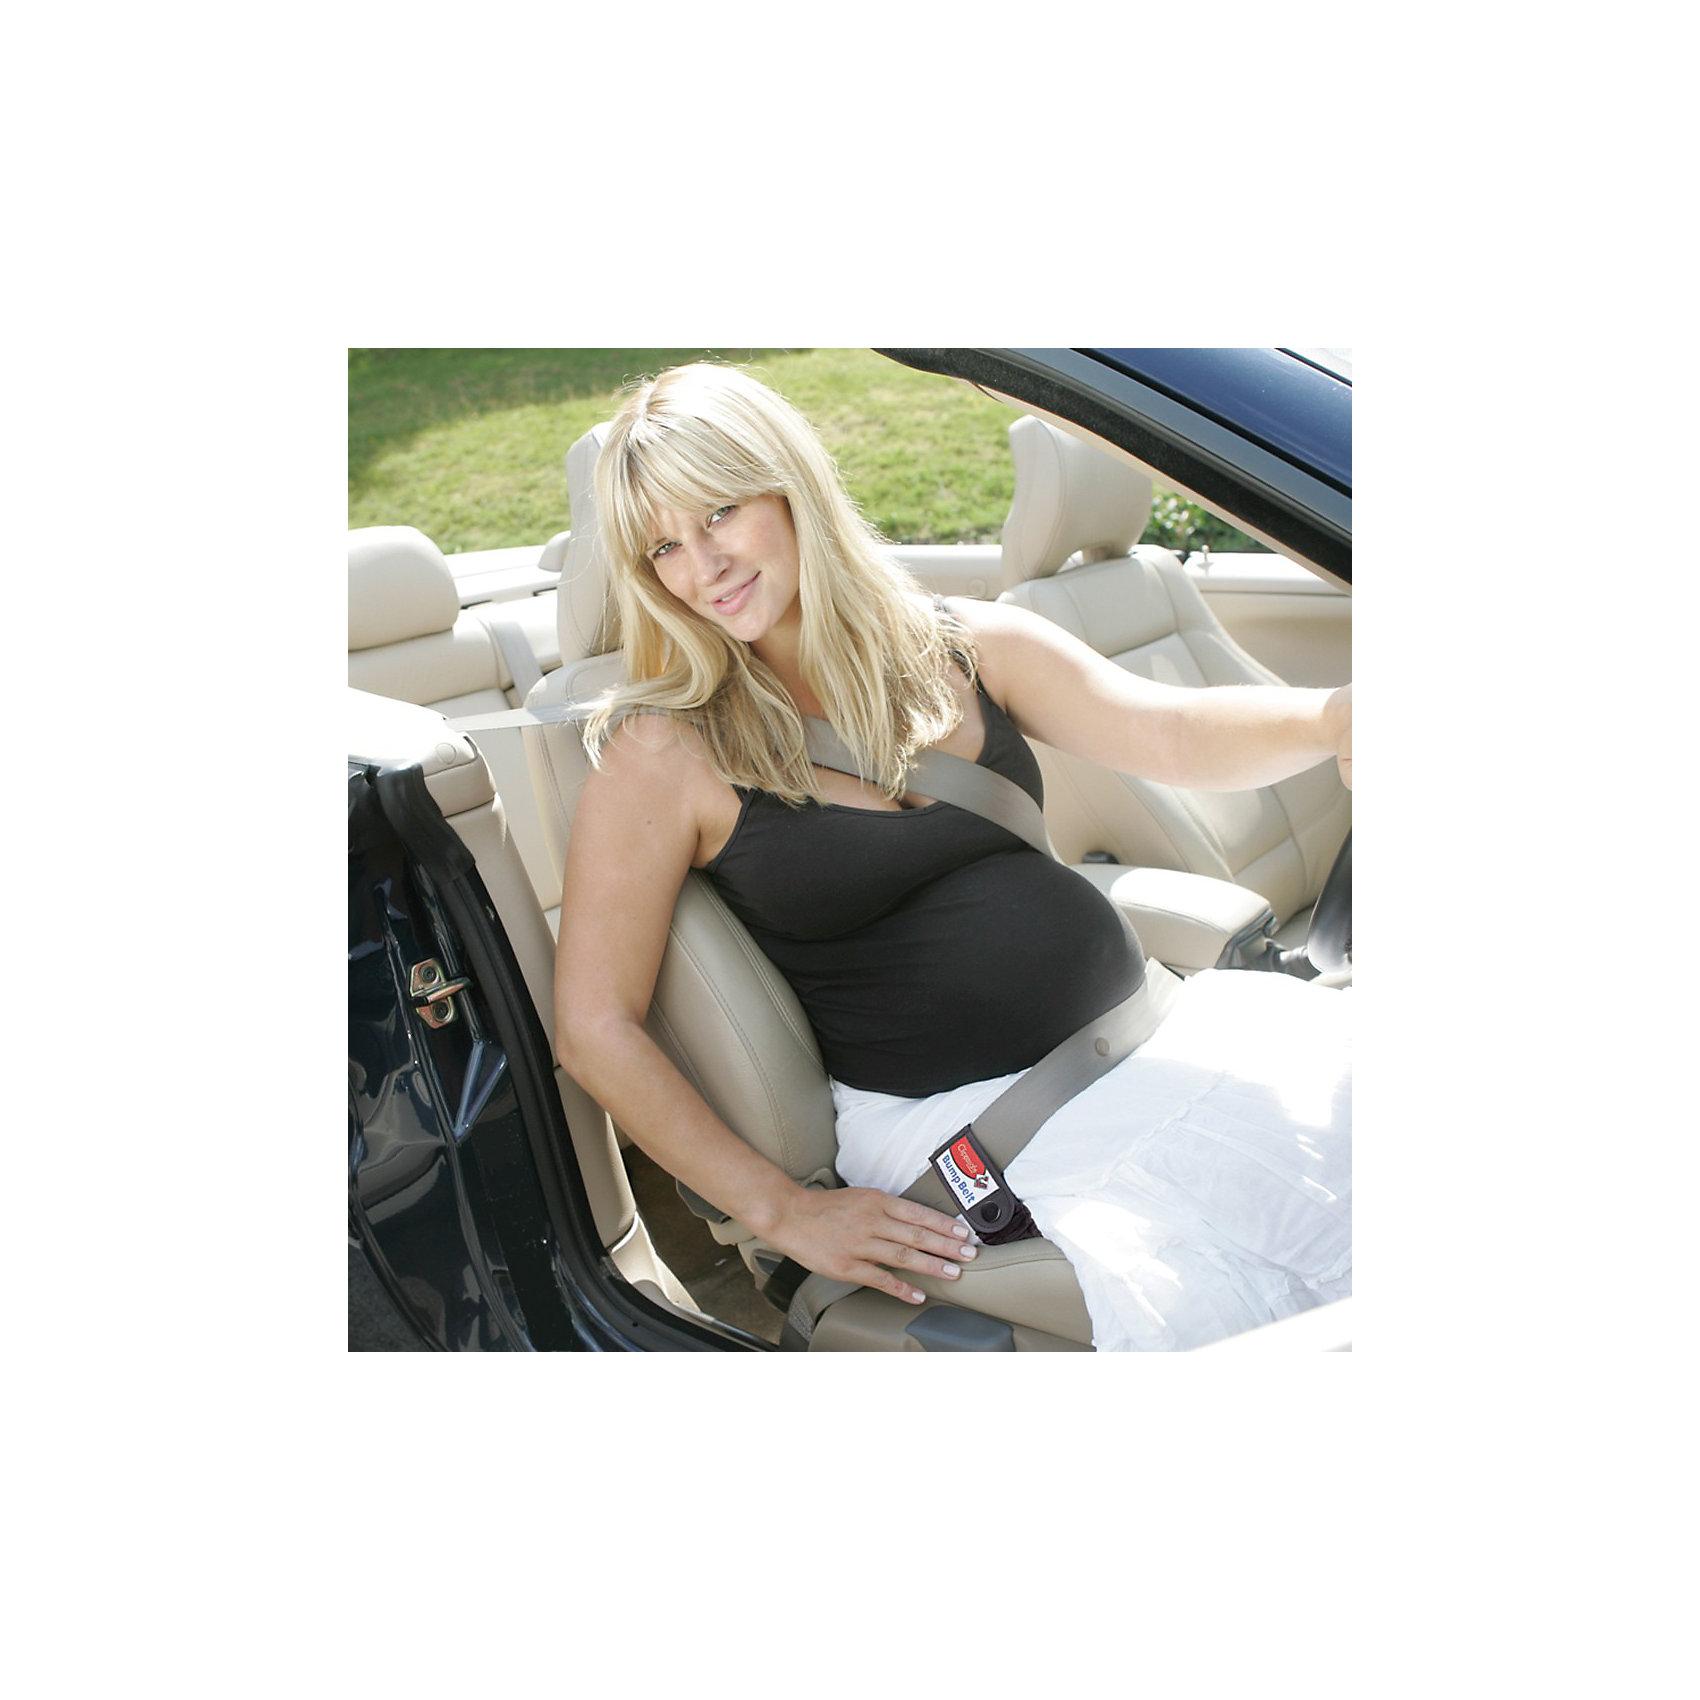 Автомобильный ремень для беременных, Clippasafe, черныйАксессуары<br>Ремень безопасности Clippasafe предназначен для женщин на сроке от 2-х месяцев до окончания беременности.<br>Защищает плод ребенка при ударе в случае аварии, снижая вероятность выкидыша на 50%.<br><br>Ремень представляет из себя специальную подушку, к которой специальными липучками-зажимами прикрепляется стационарный ремень безопасности. Благодаря этому облегание живота идет в безопасном для ребенка месте ниже и выше расположения плода. При резком торможении это убережет будущую маму и малыша. Ремень закрепленный зажимами адаптера будет находиться в правильном положении. Давление на бедра и таз в большей степени способны выдерживать некие перегрузки, в отличии от брюшной полости. Данная подушка предназначена для беременных женщин от двух месяцев беременности и вплоть до родов.<br><br>Ширина мм: 350<br>Глубина мм: 195<br>Высота мм: 170<br>Вес г: 350<br>Возраст от месяцев: 0<br>Возраст до месяцев: 60<br>Пол: Унисекс<br>Возраст: Детский<br>SKU: 2614583